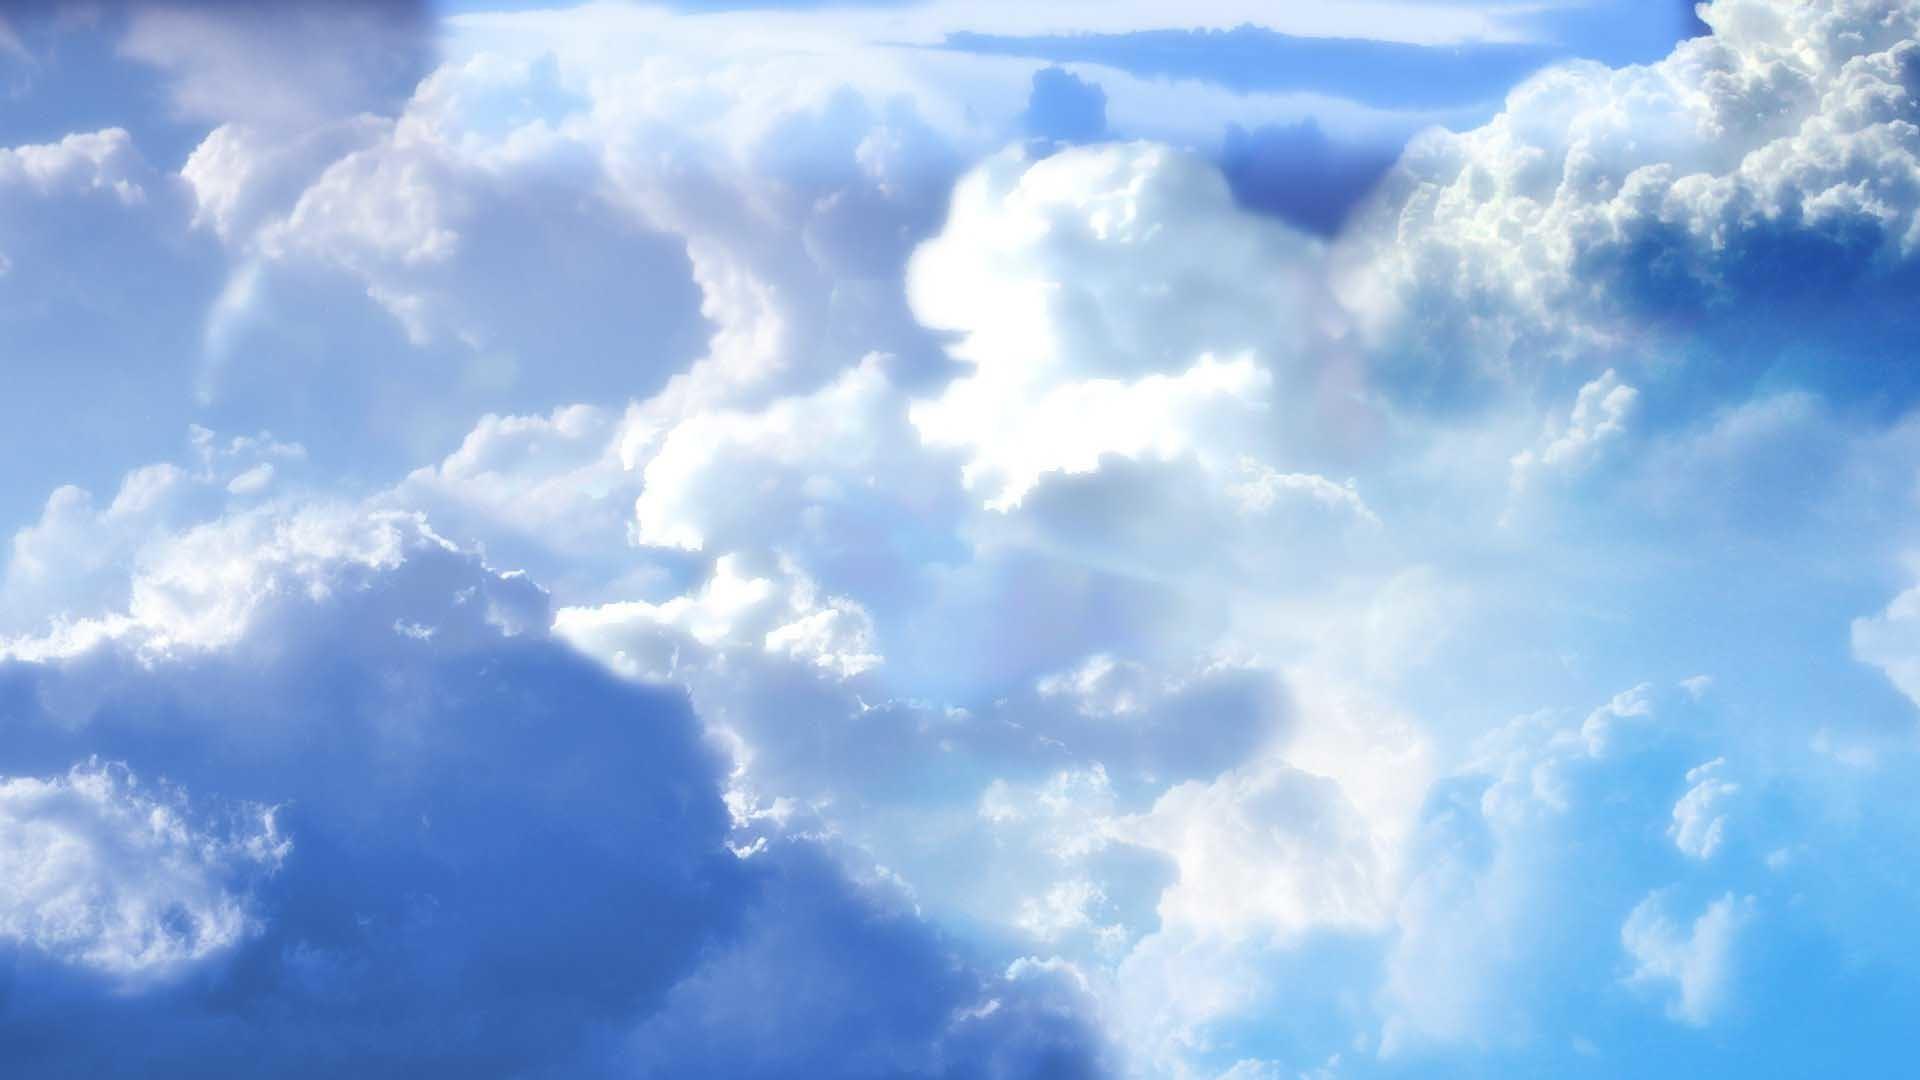 Group Of Heaven Hd Desktop Wallpaper